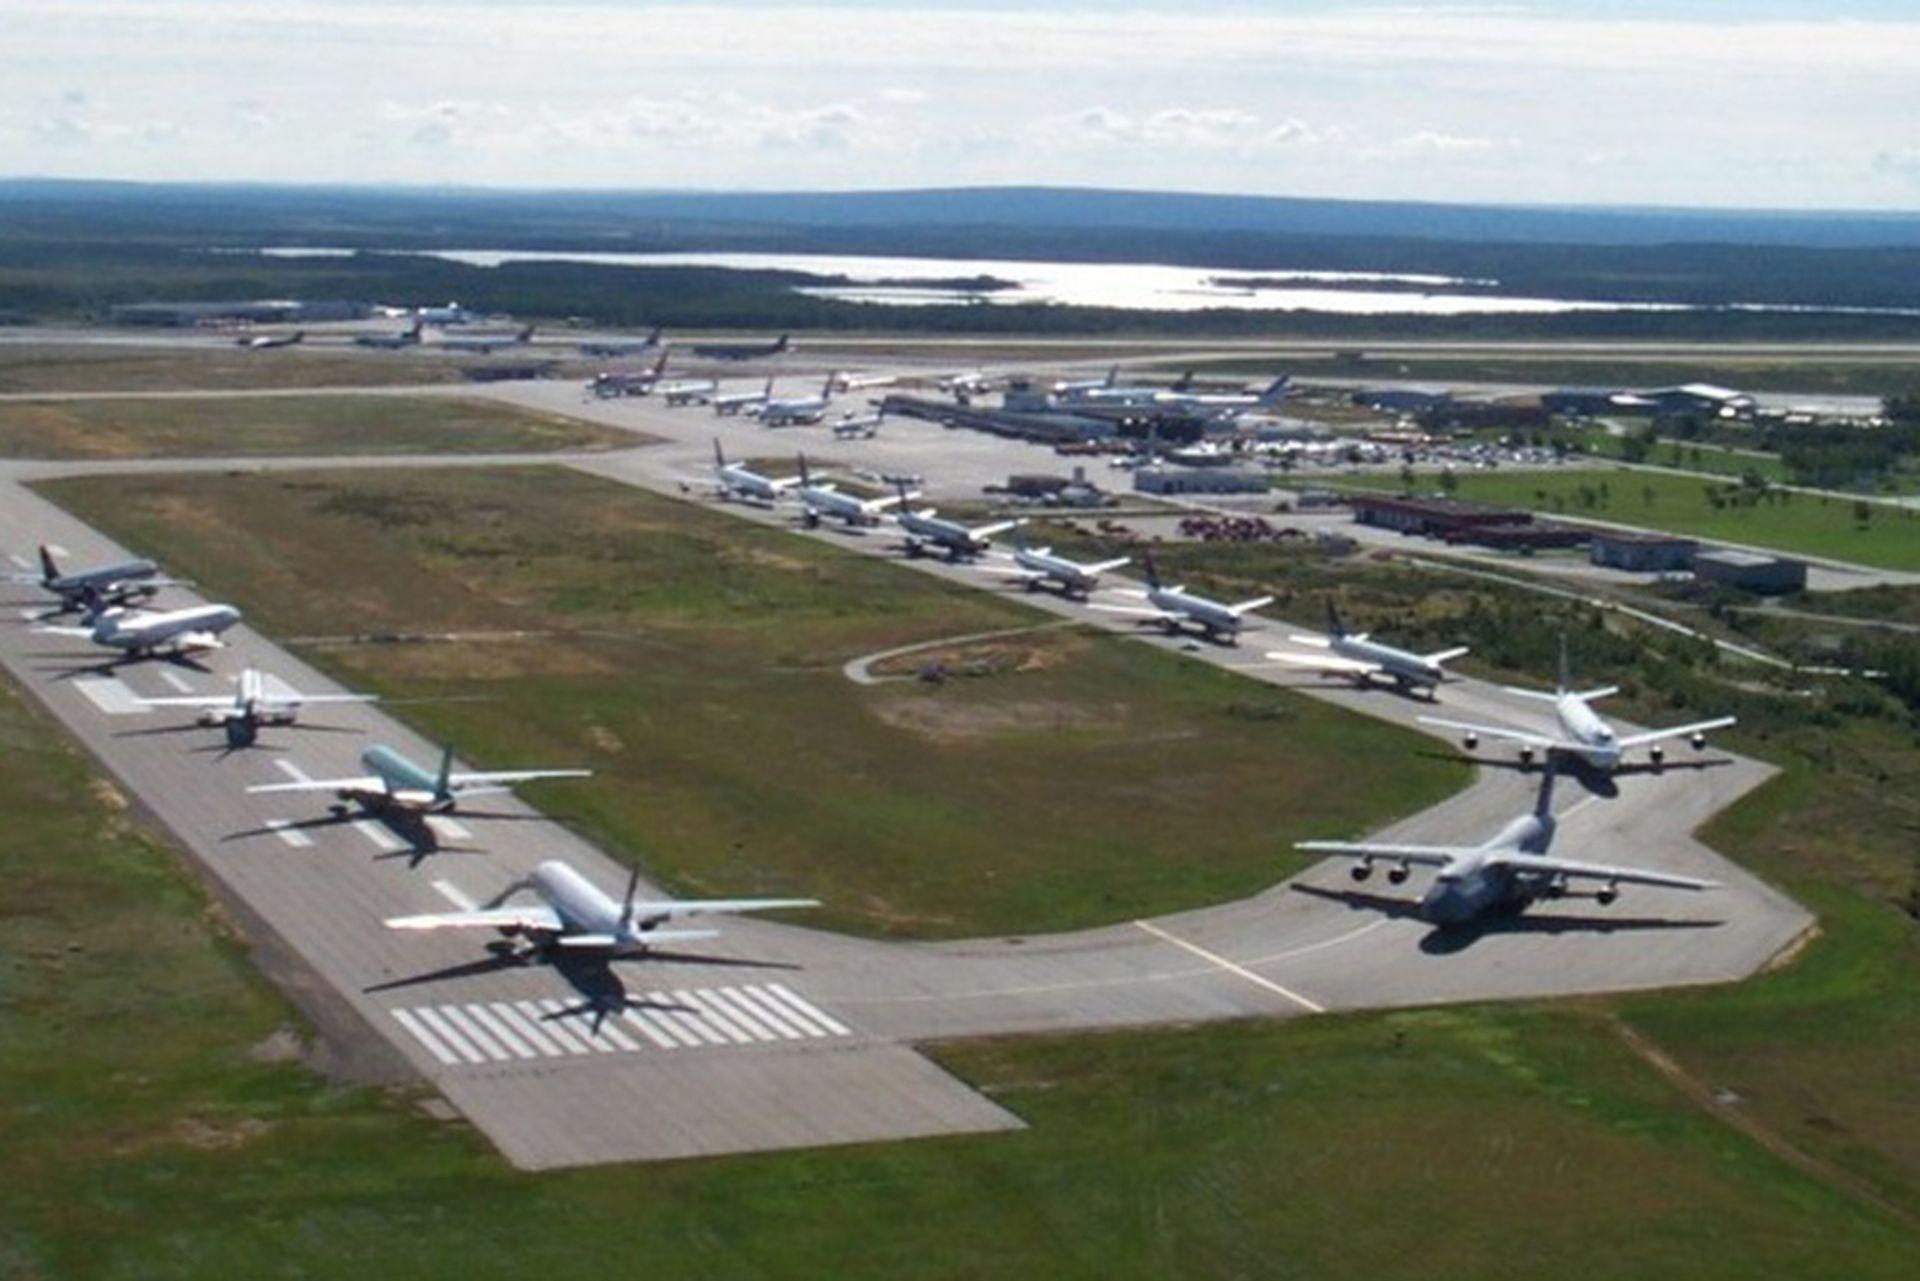 El aeropuerto de Gander, el 12 de septiembre de 2001